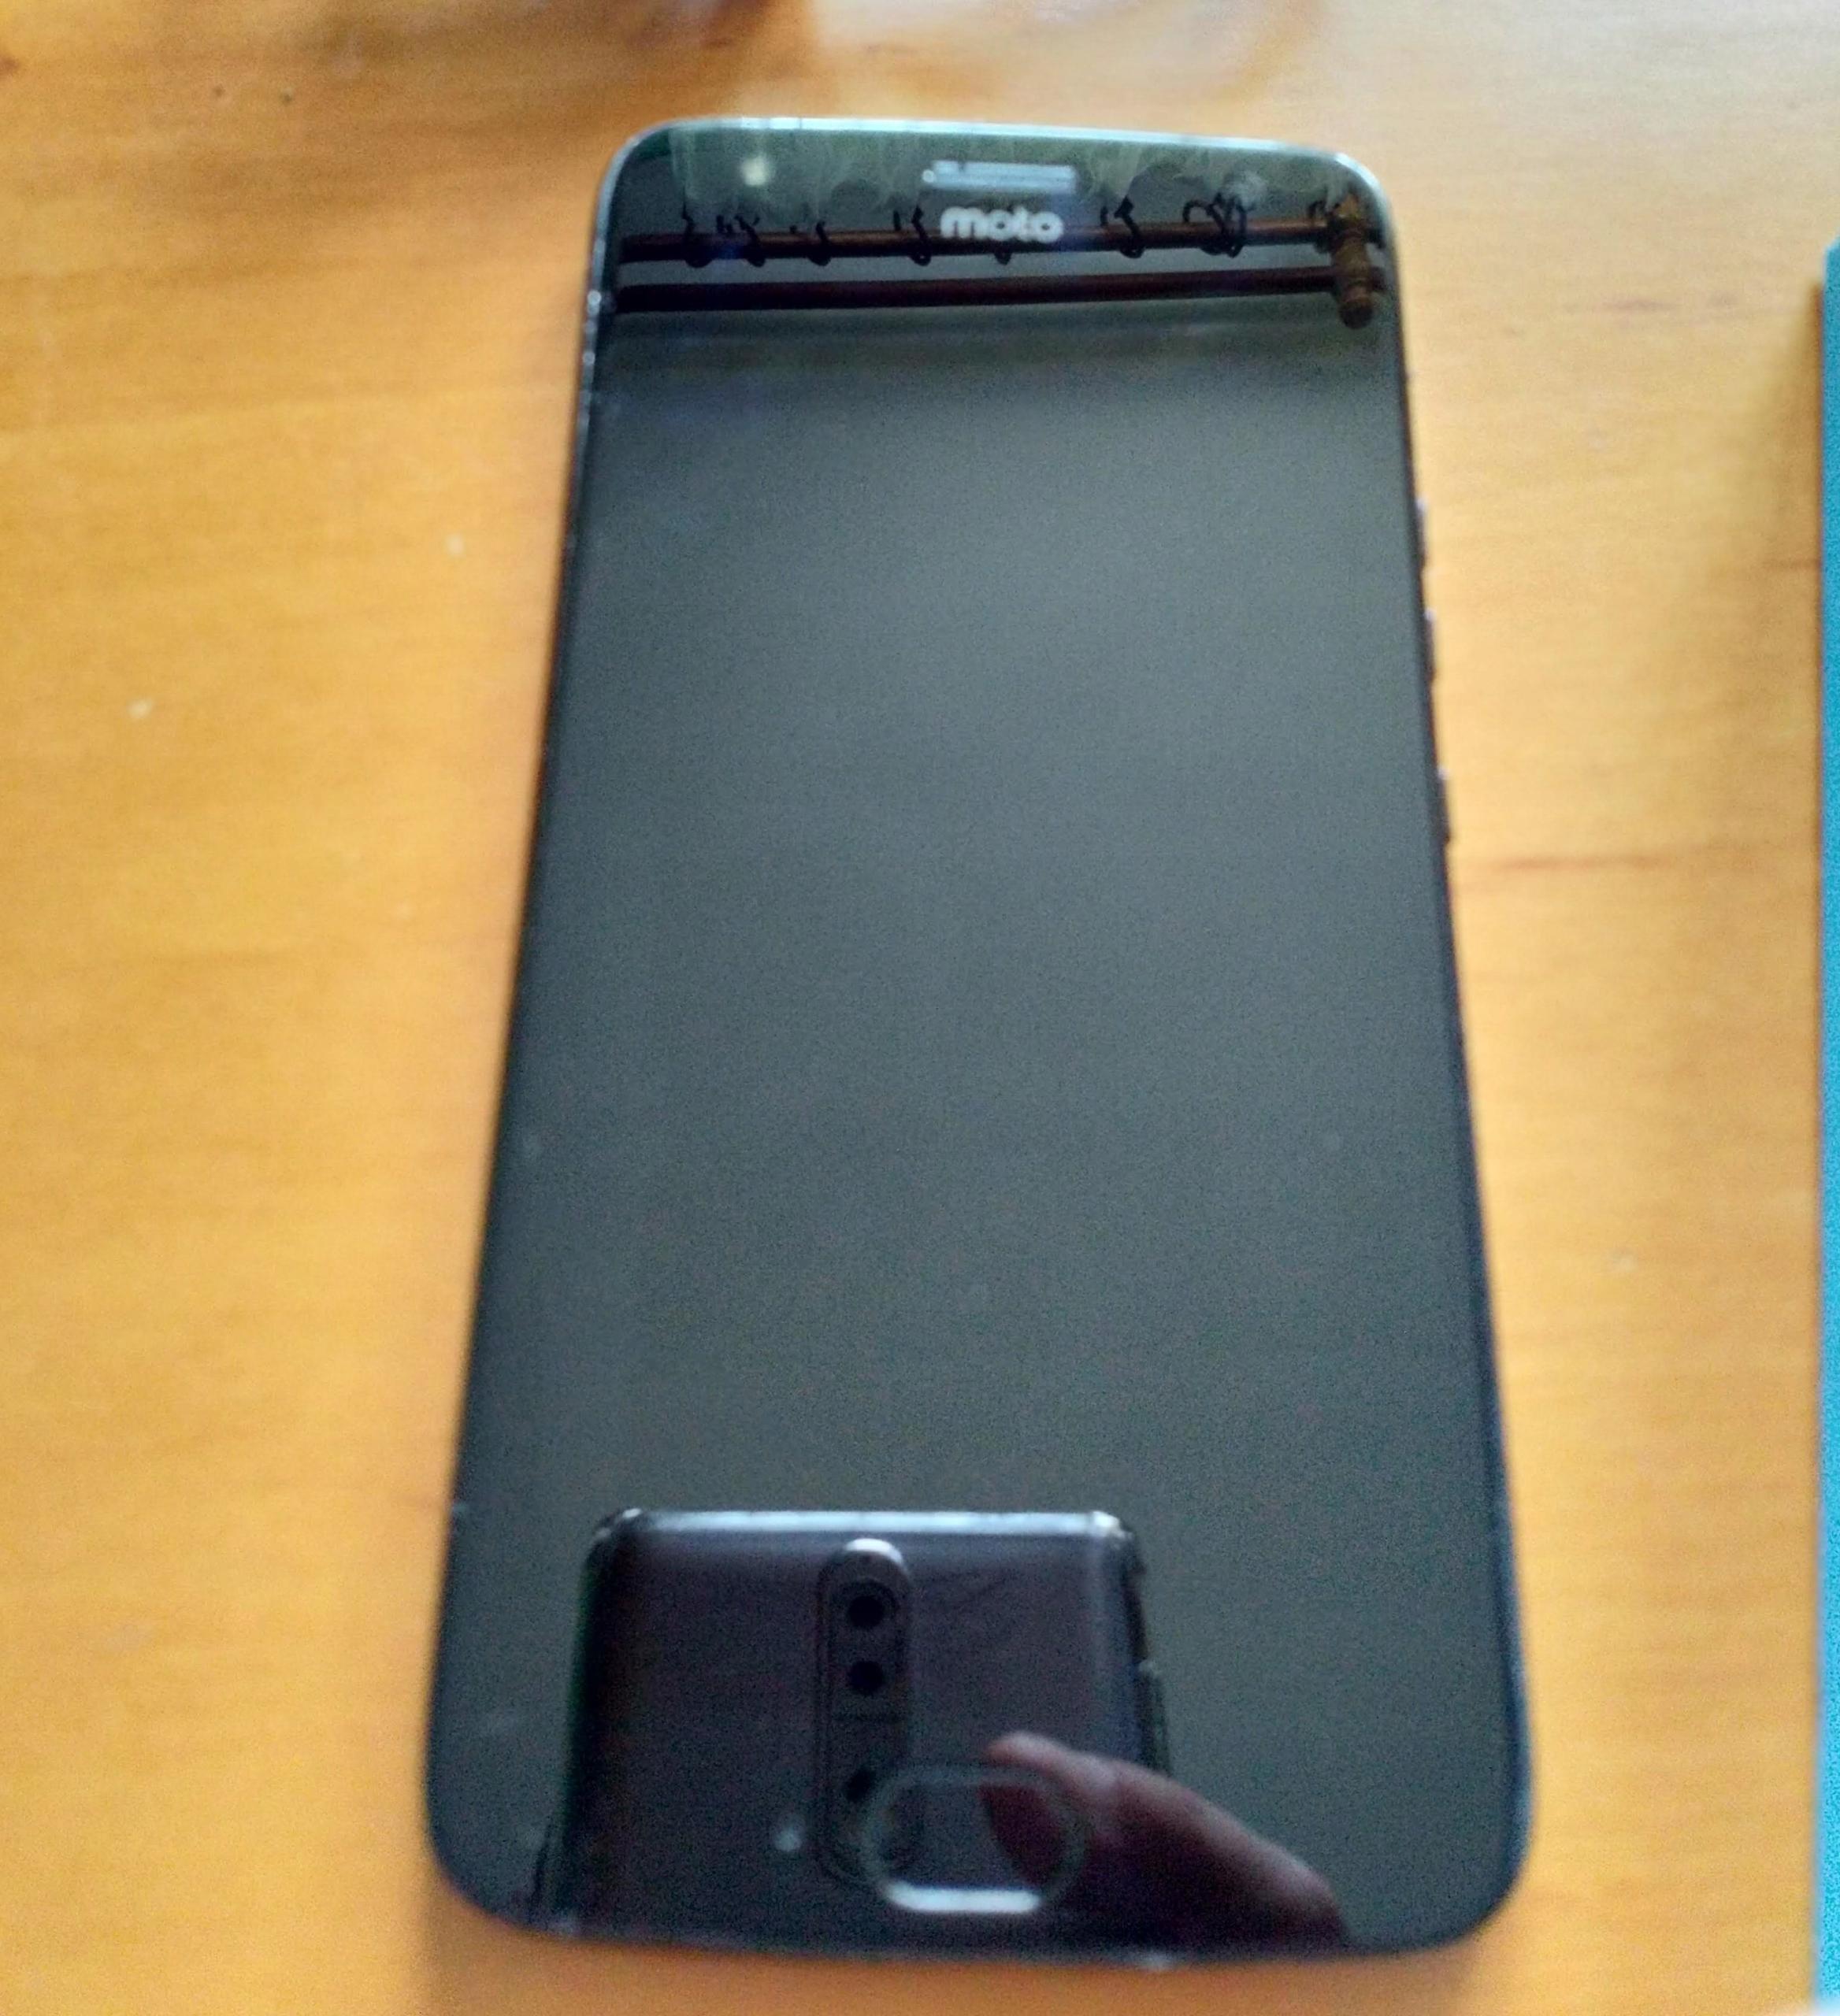 Moto x4 wyświetlacz, płyta główna, bateria